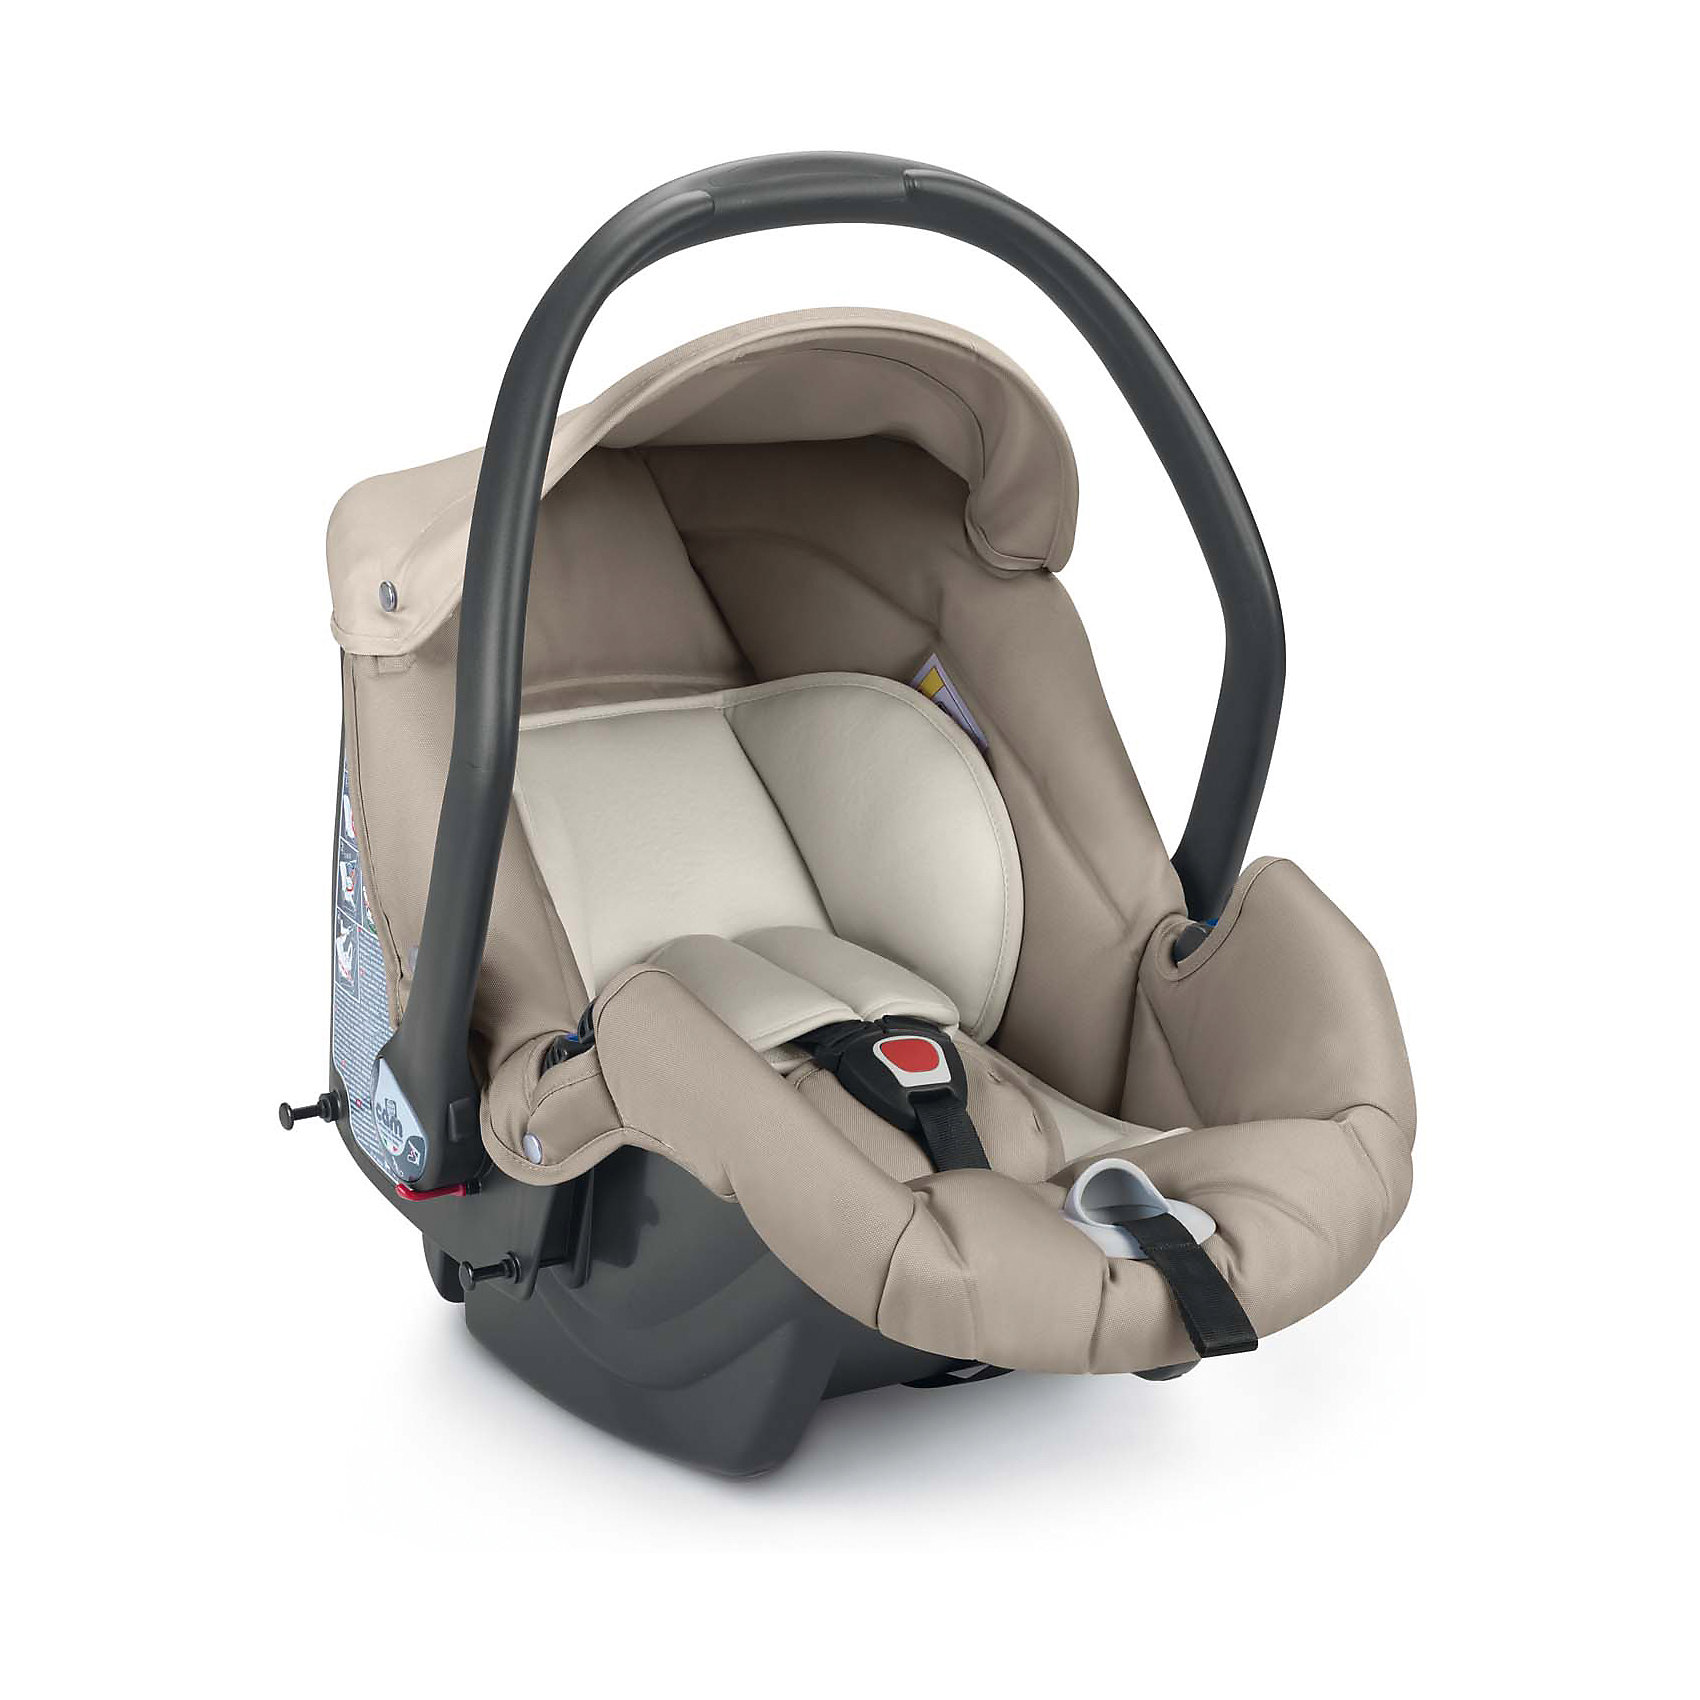 Автокресло Area Zero+, 0-13кг, CAM, кремАвтокресло Area Zero+, 0-13кг, CAM – удобство и надежность для вашего малыша.<br>Каркас кресла – пластиковый, анатомической формы. Такое кресло не только обеспечивает ребенку правильную посадку, важную при формировании осанки, но еще и надежно защищает его в случае аварии. Ремни безопасности встроены в кресло, с мягкими насадками, которые не допускают травмы при резком торможении. Регулируются по высоте и объему. Закрепляется кресло с помощью штатных ремней безопасности против хода движения. Можно использовать и походу движения. Есть съемный чехол, удобная ручка для переноски, конструкция для укачивания. Кресло подходит для всех колясок фирмы CAM.<br><br>Дополнительная информация:<br><br>- вес ребенка: до 13 кг<br>- размер: 65 х 44 х 58 см<br>- вес кресла: 3,6 кг<br>- цвет: кремовый<br><br>Автокресло Area Zero+, 0-13кг, CAM, кремовый можно купить в нашем интернет магазине.<br><br>Ширина мм: 490<br>Глубина мм: 450<br>Высота мм: 755<br>Вес г: 5000<br>Возраст от месяцев: 0<br>Возраст до месяцев: 12<br>Пол: Унисекс<br>Возраст: Детский<br>SKU: 5482098